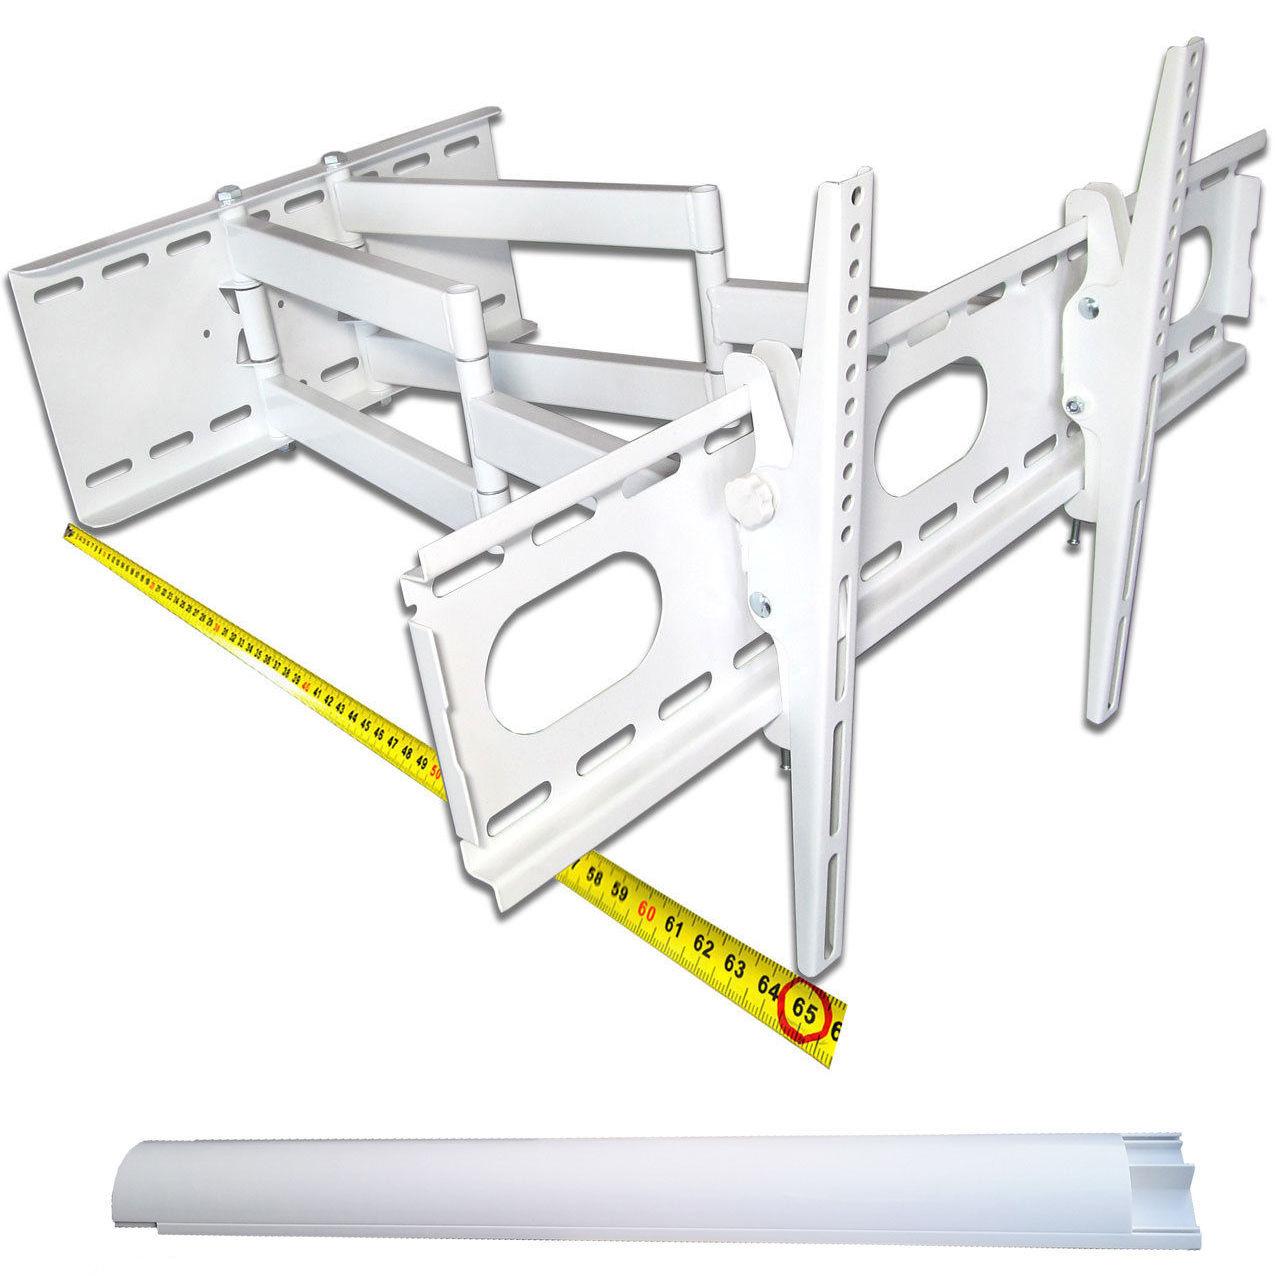 universelle tv wandhalterung mit neigung hintergrund beleuchtung fb 2 leiste. Black Bedroom Furniture Sets. Home Design Ideas